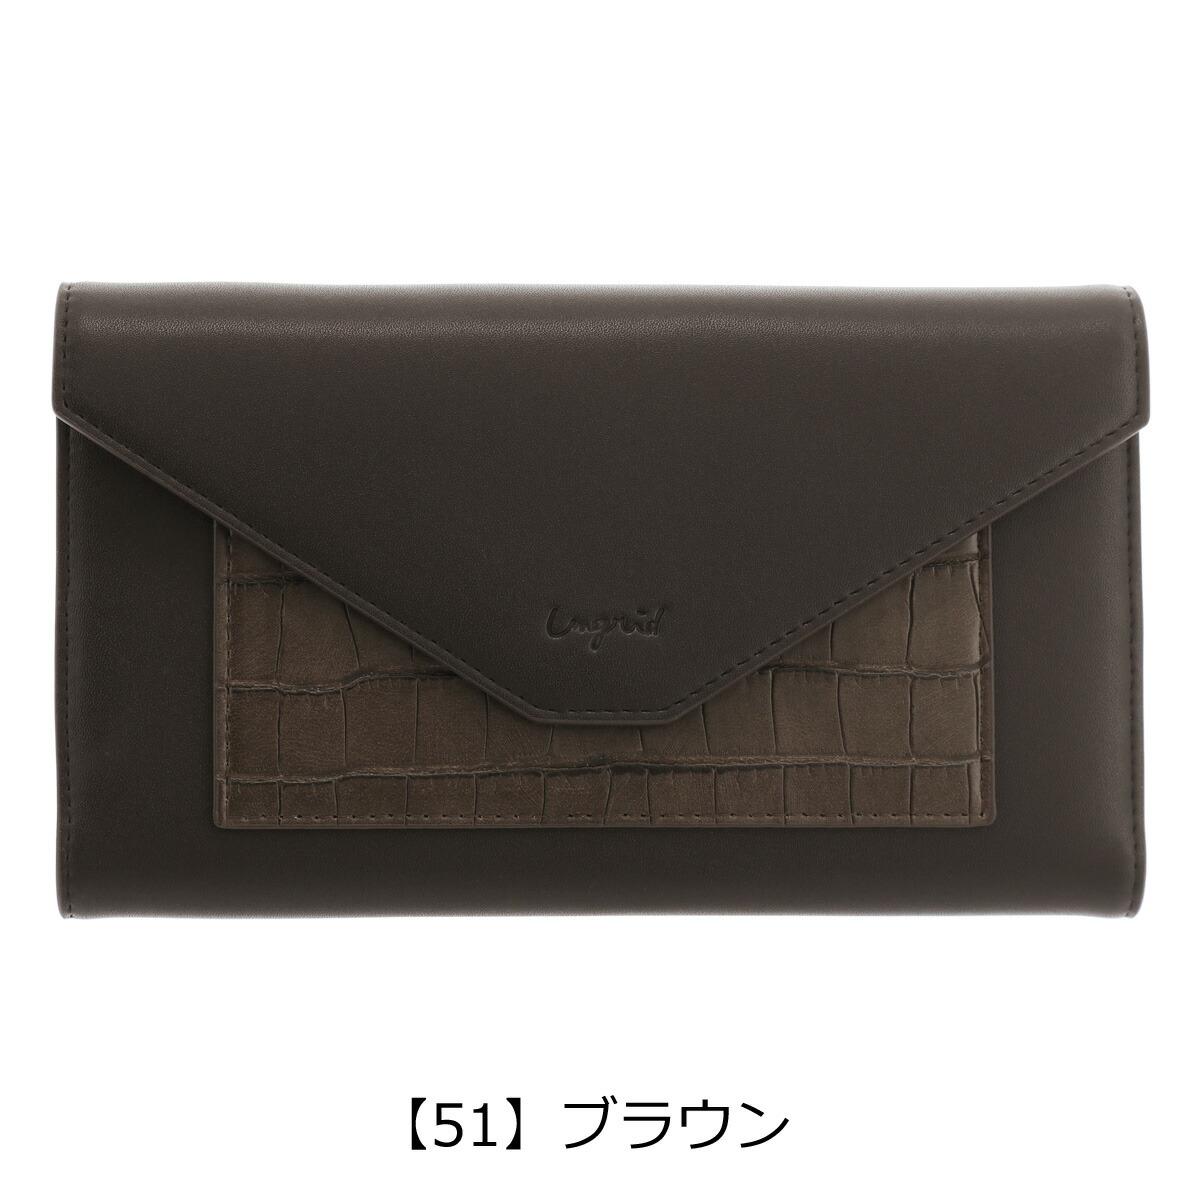 【51】ブラウン